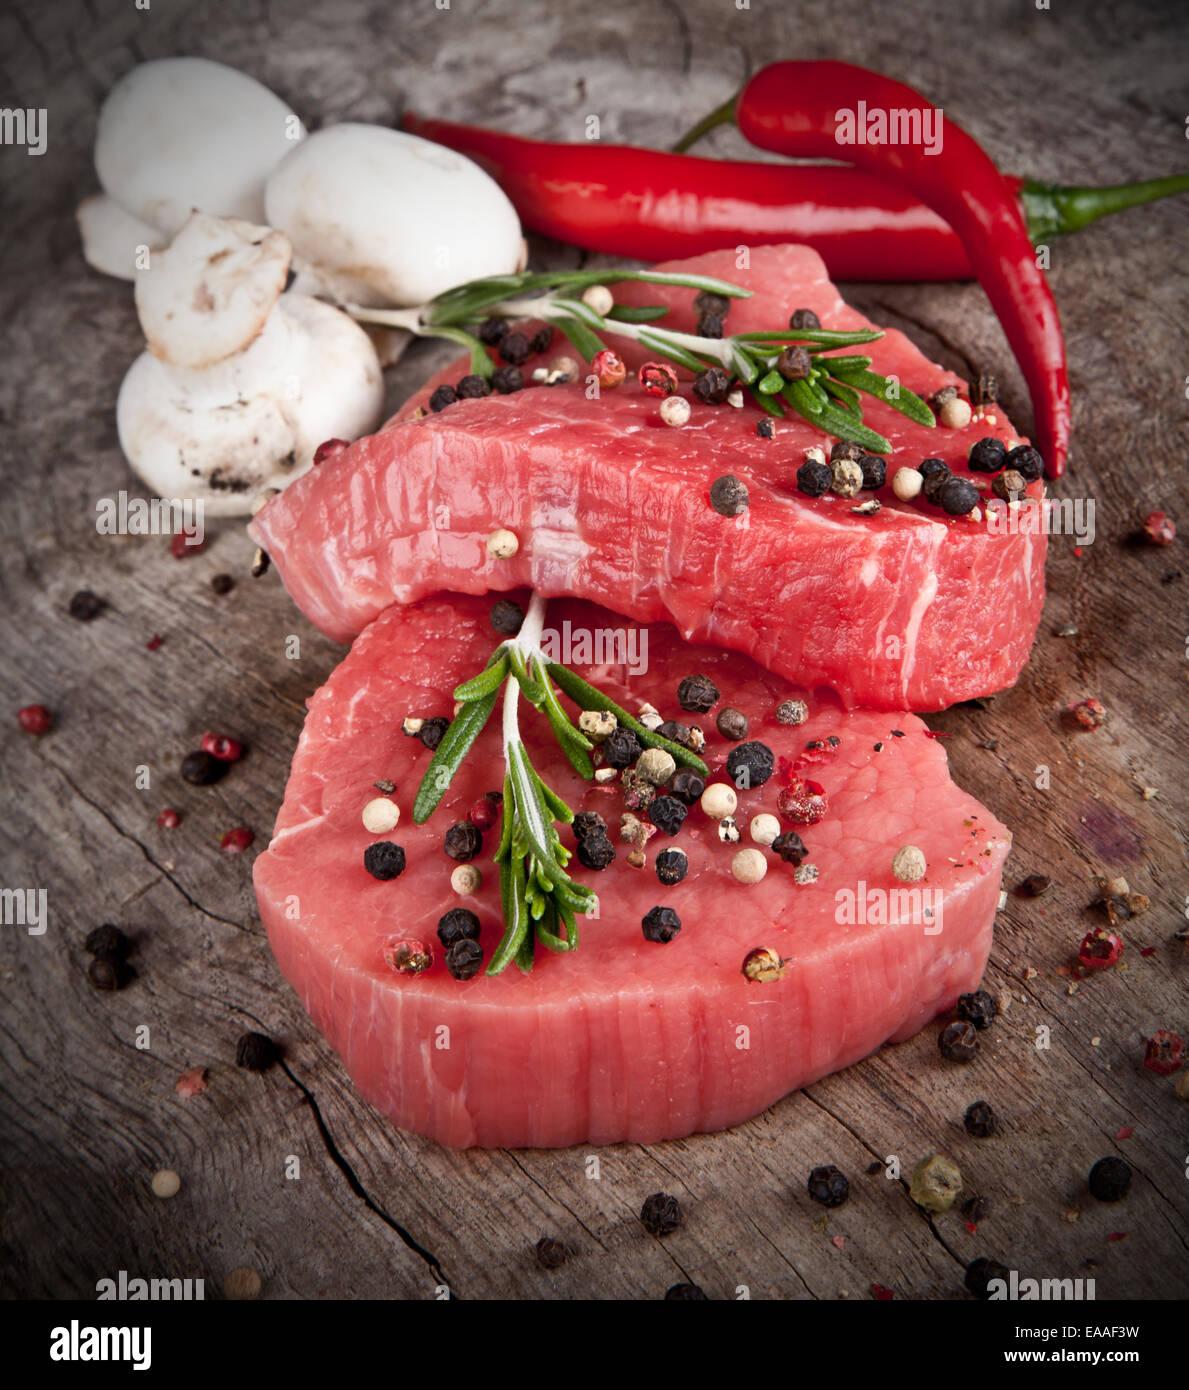 Rohes Rindfleisch Steaks für den Grill vorbereitet Stockbild